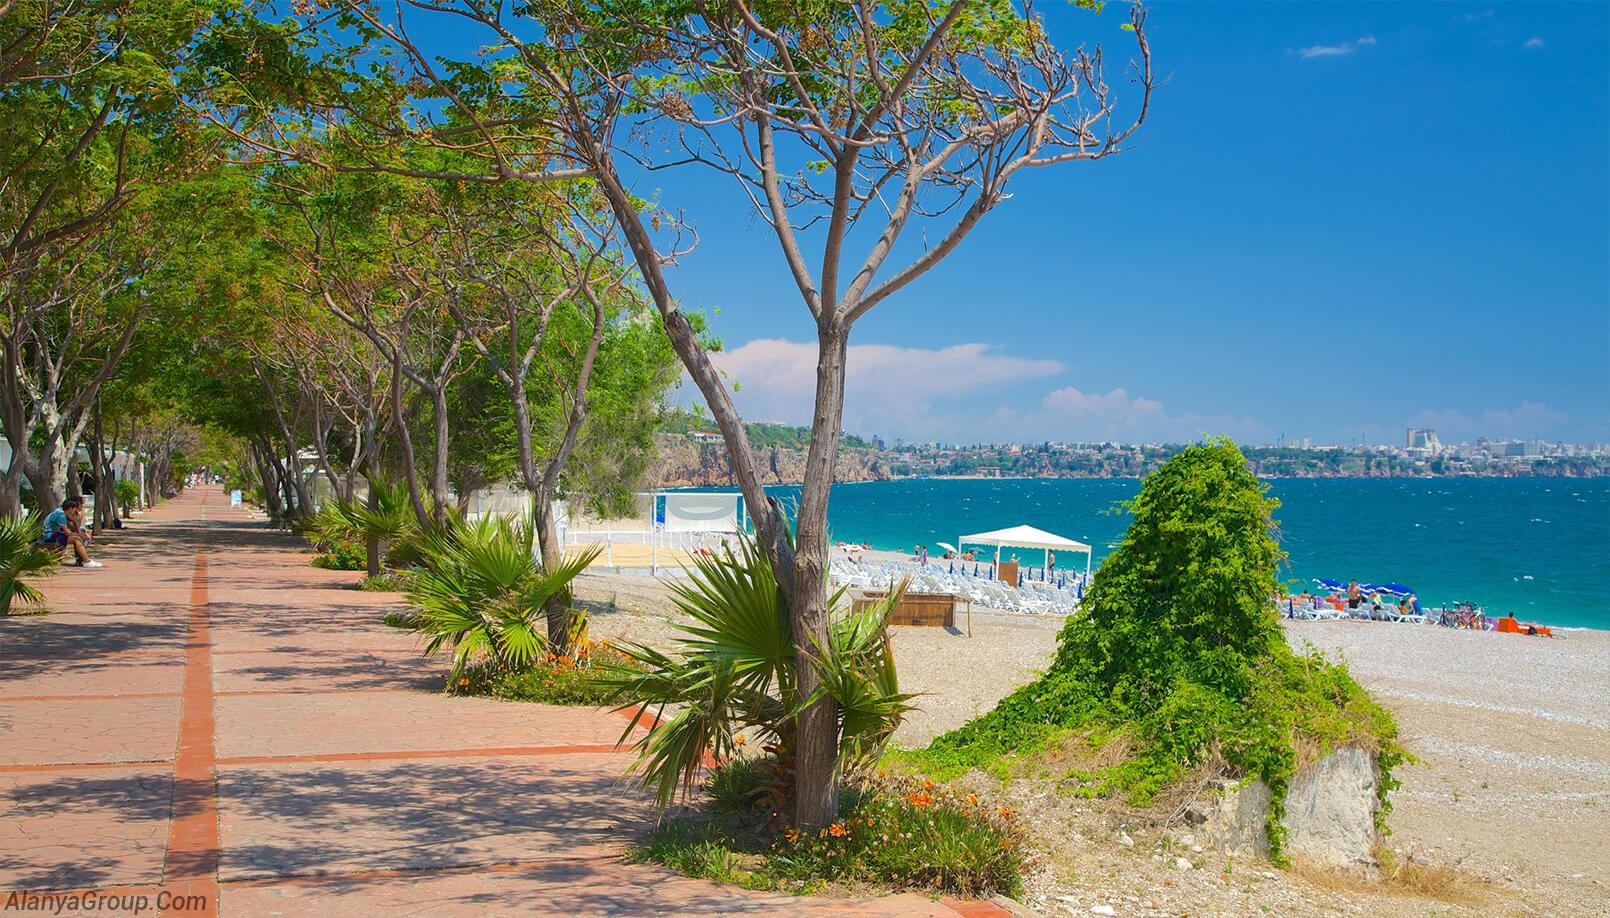 Antalya Kemer beach